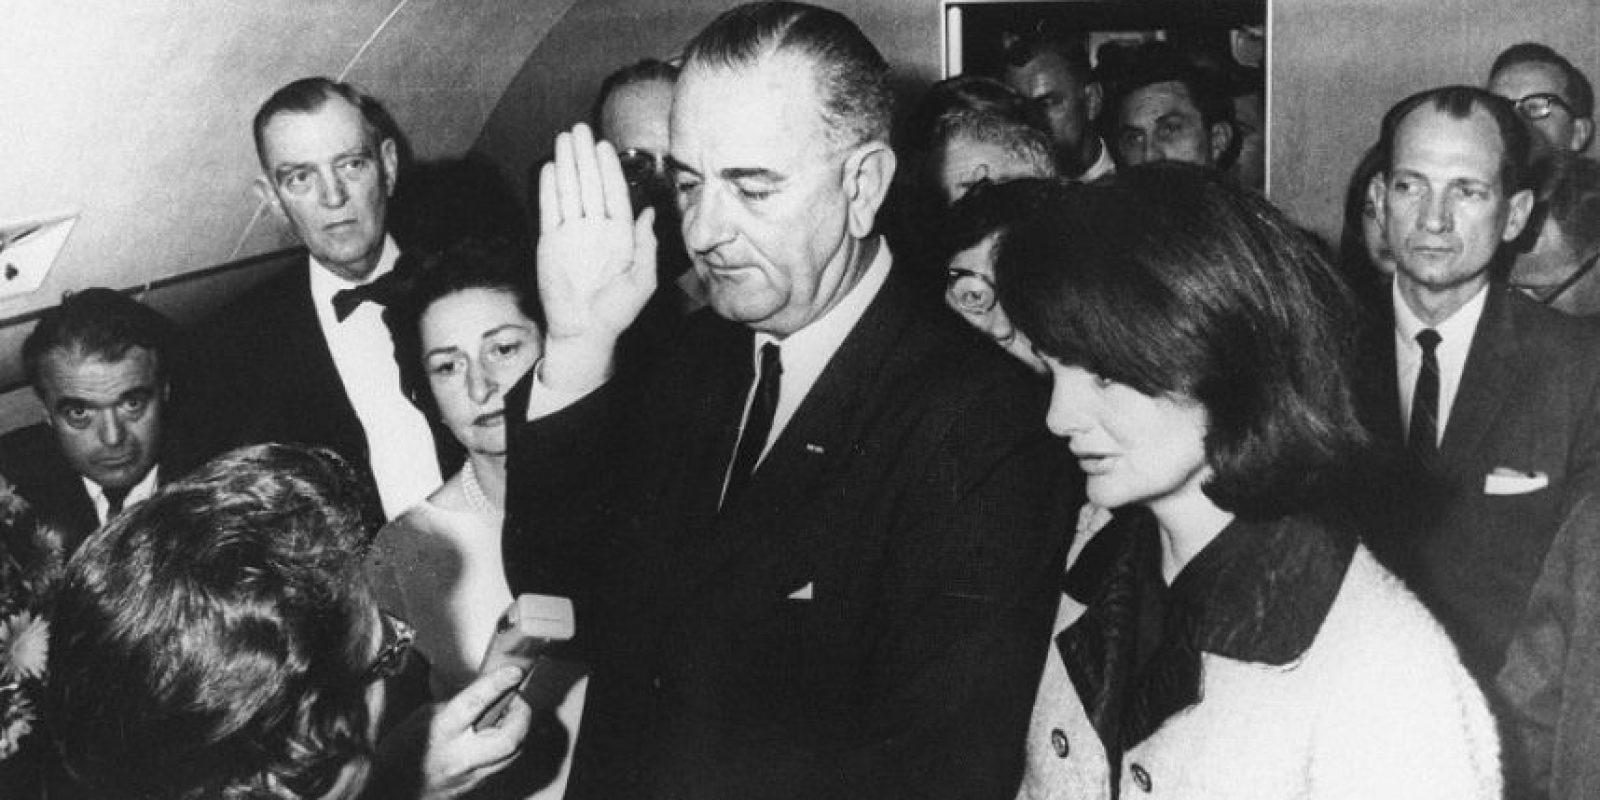 El momento más histórico que ha enfrentado un Air Force One, el juramento como presidente de Lyndon Johnson tras el asesinato de John Kennedy, en 1963 Foto:AFP. Imagen Por: